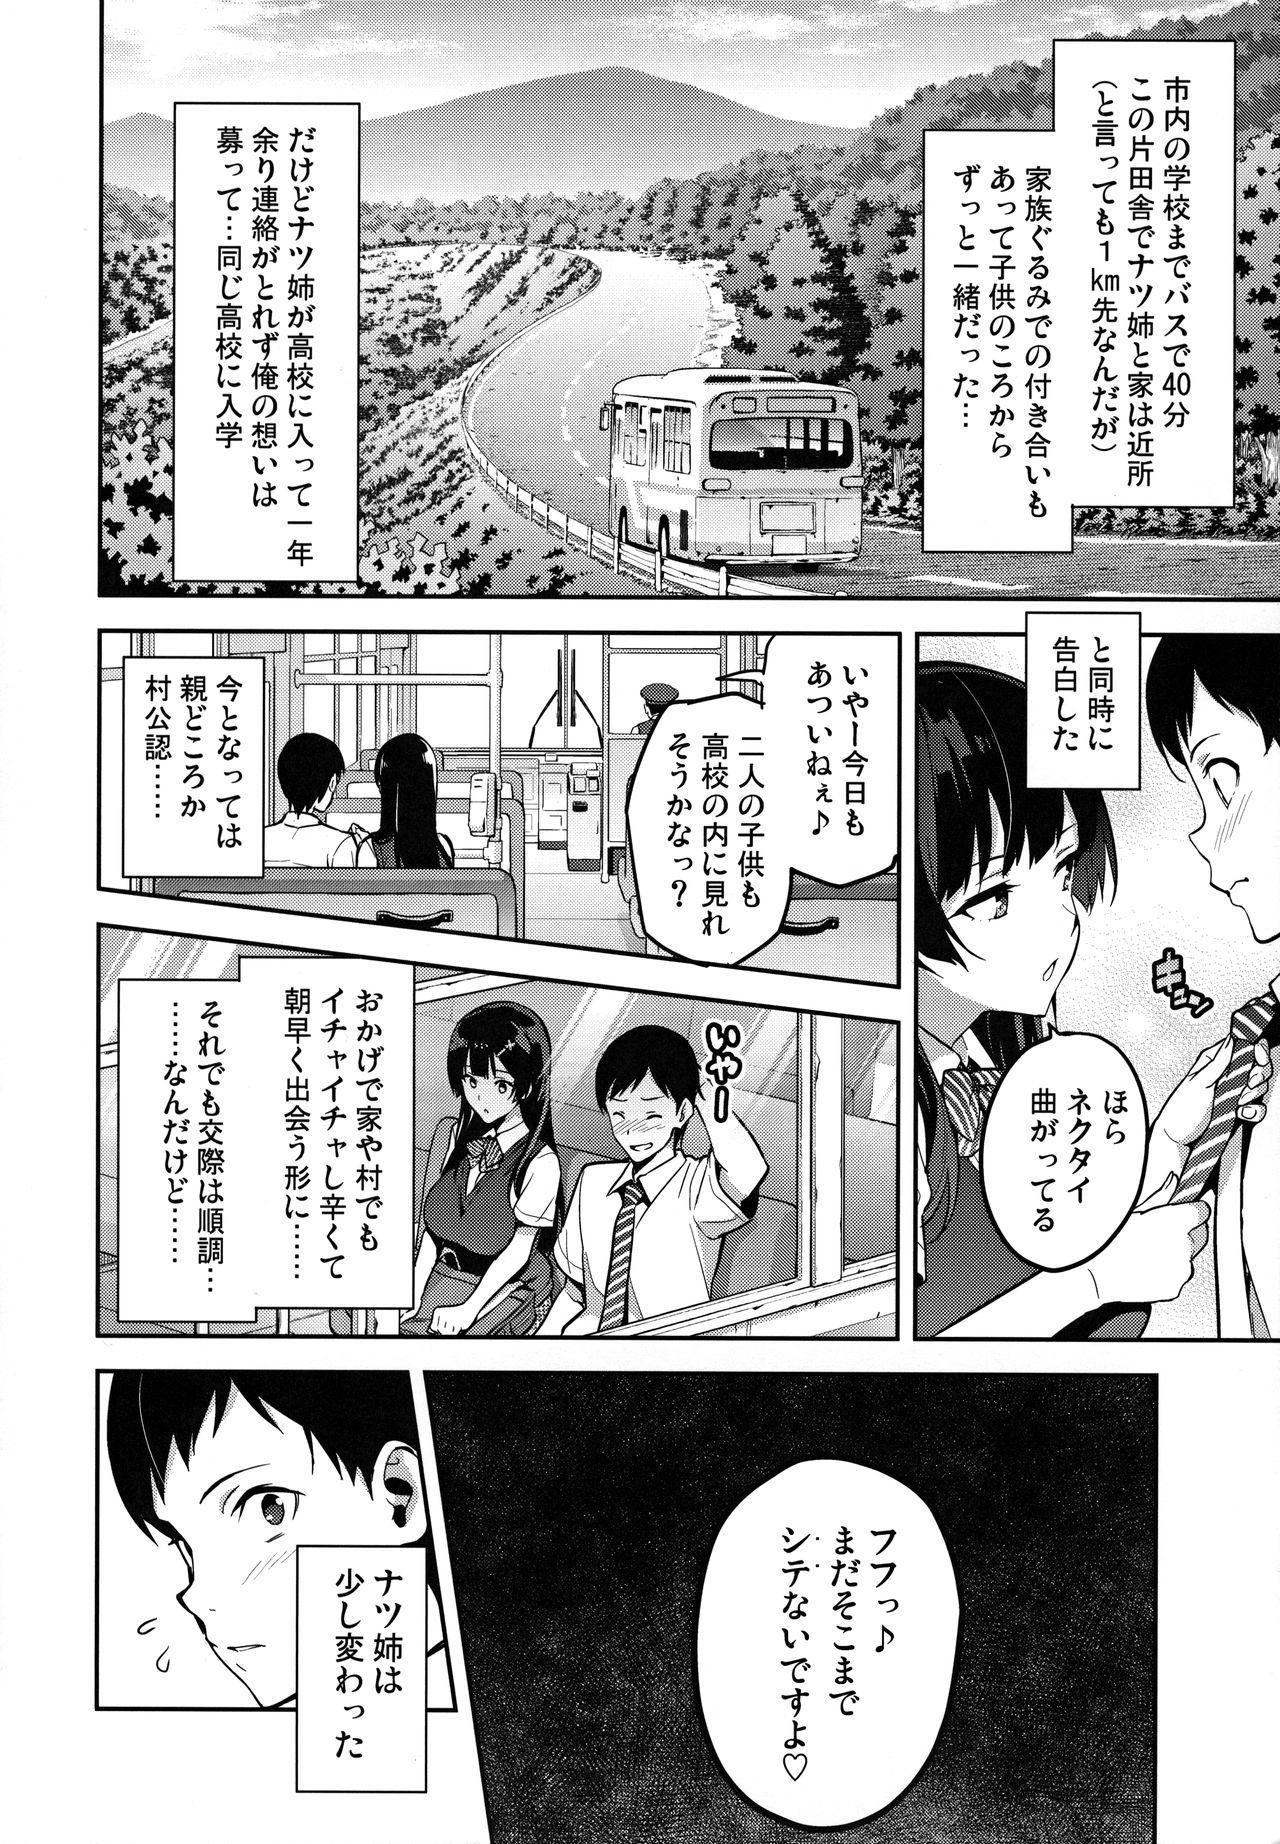 Ajisai no Chiru Koro ni 6